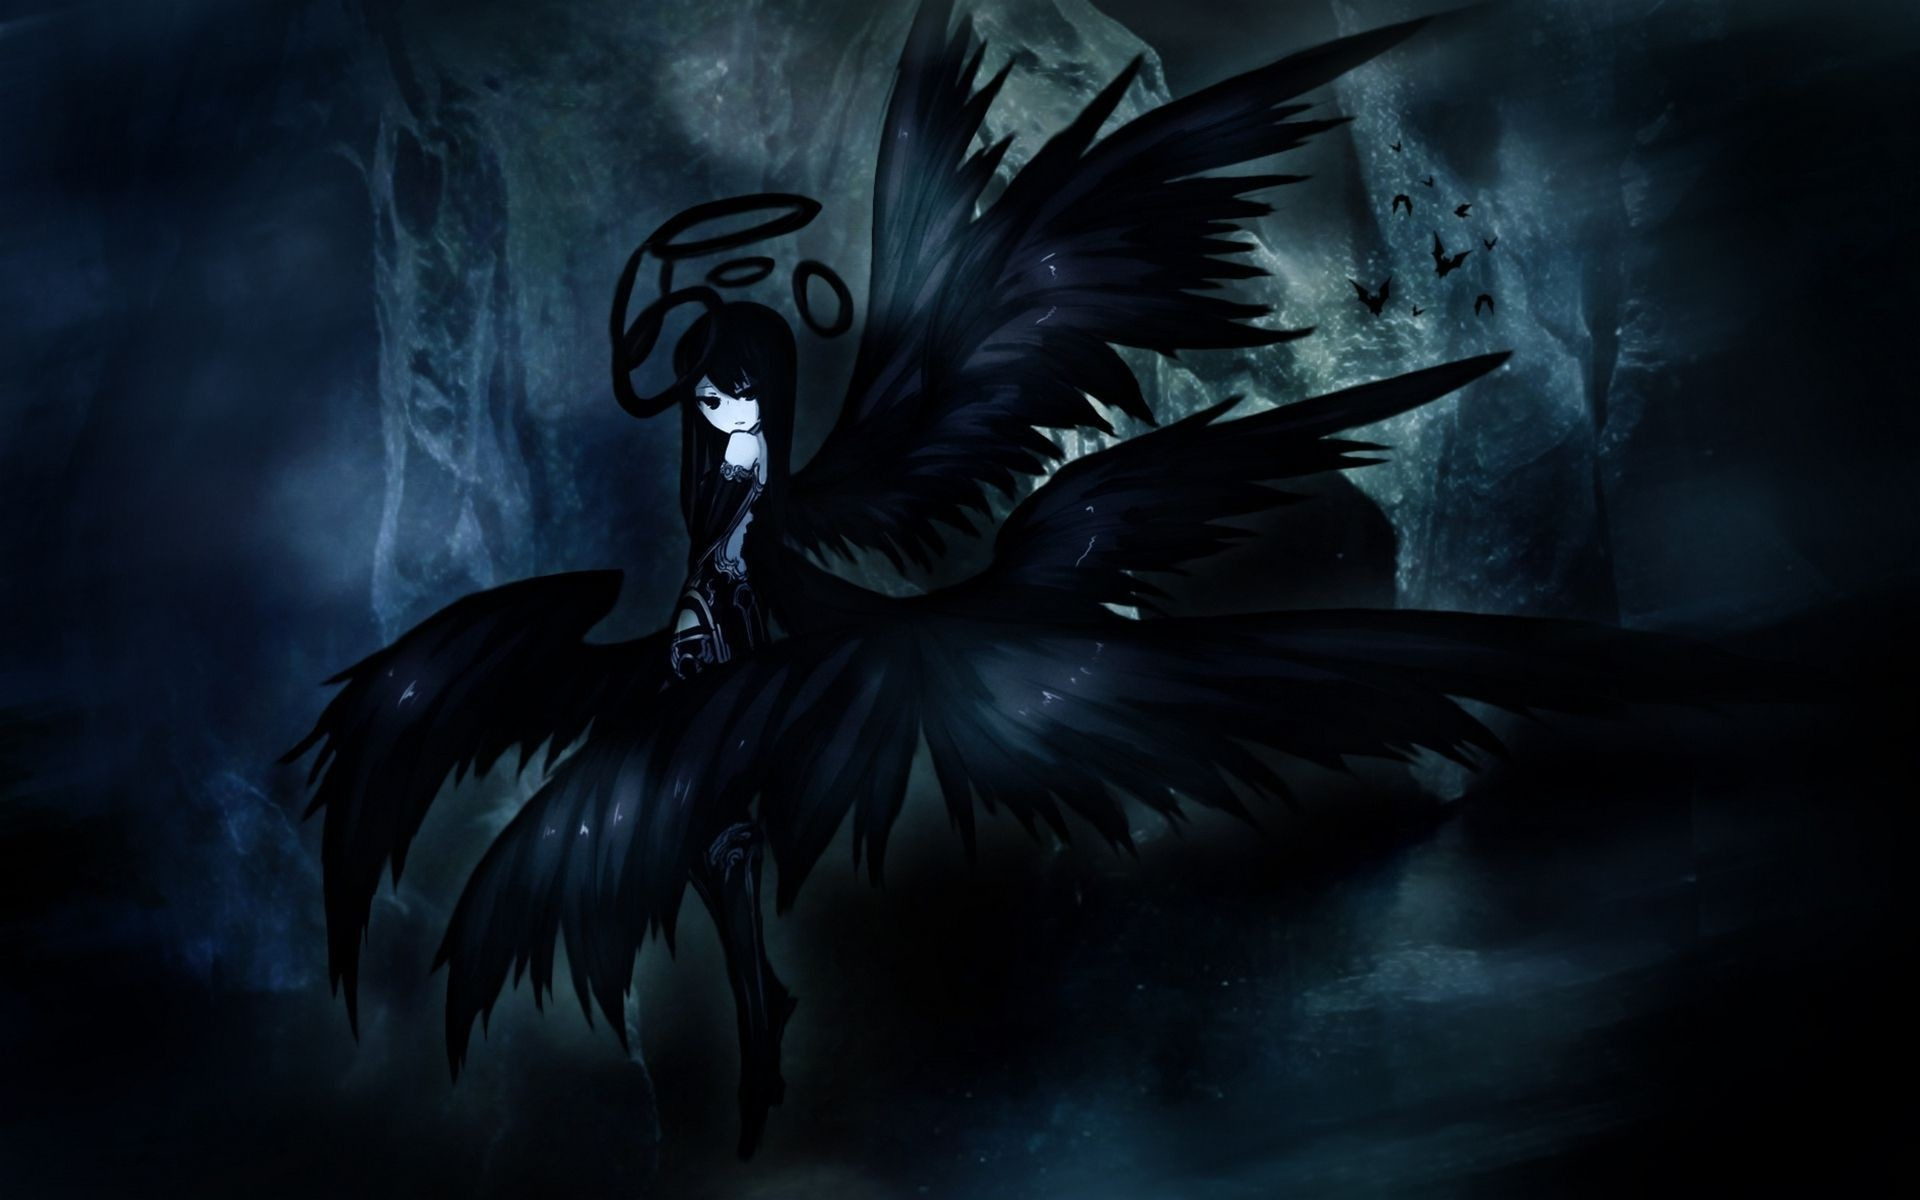 Dark anime wallpaper hd 66 images - Wallpaper dark anime ...